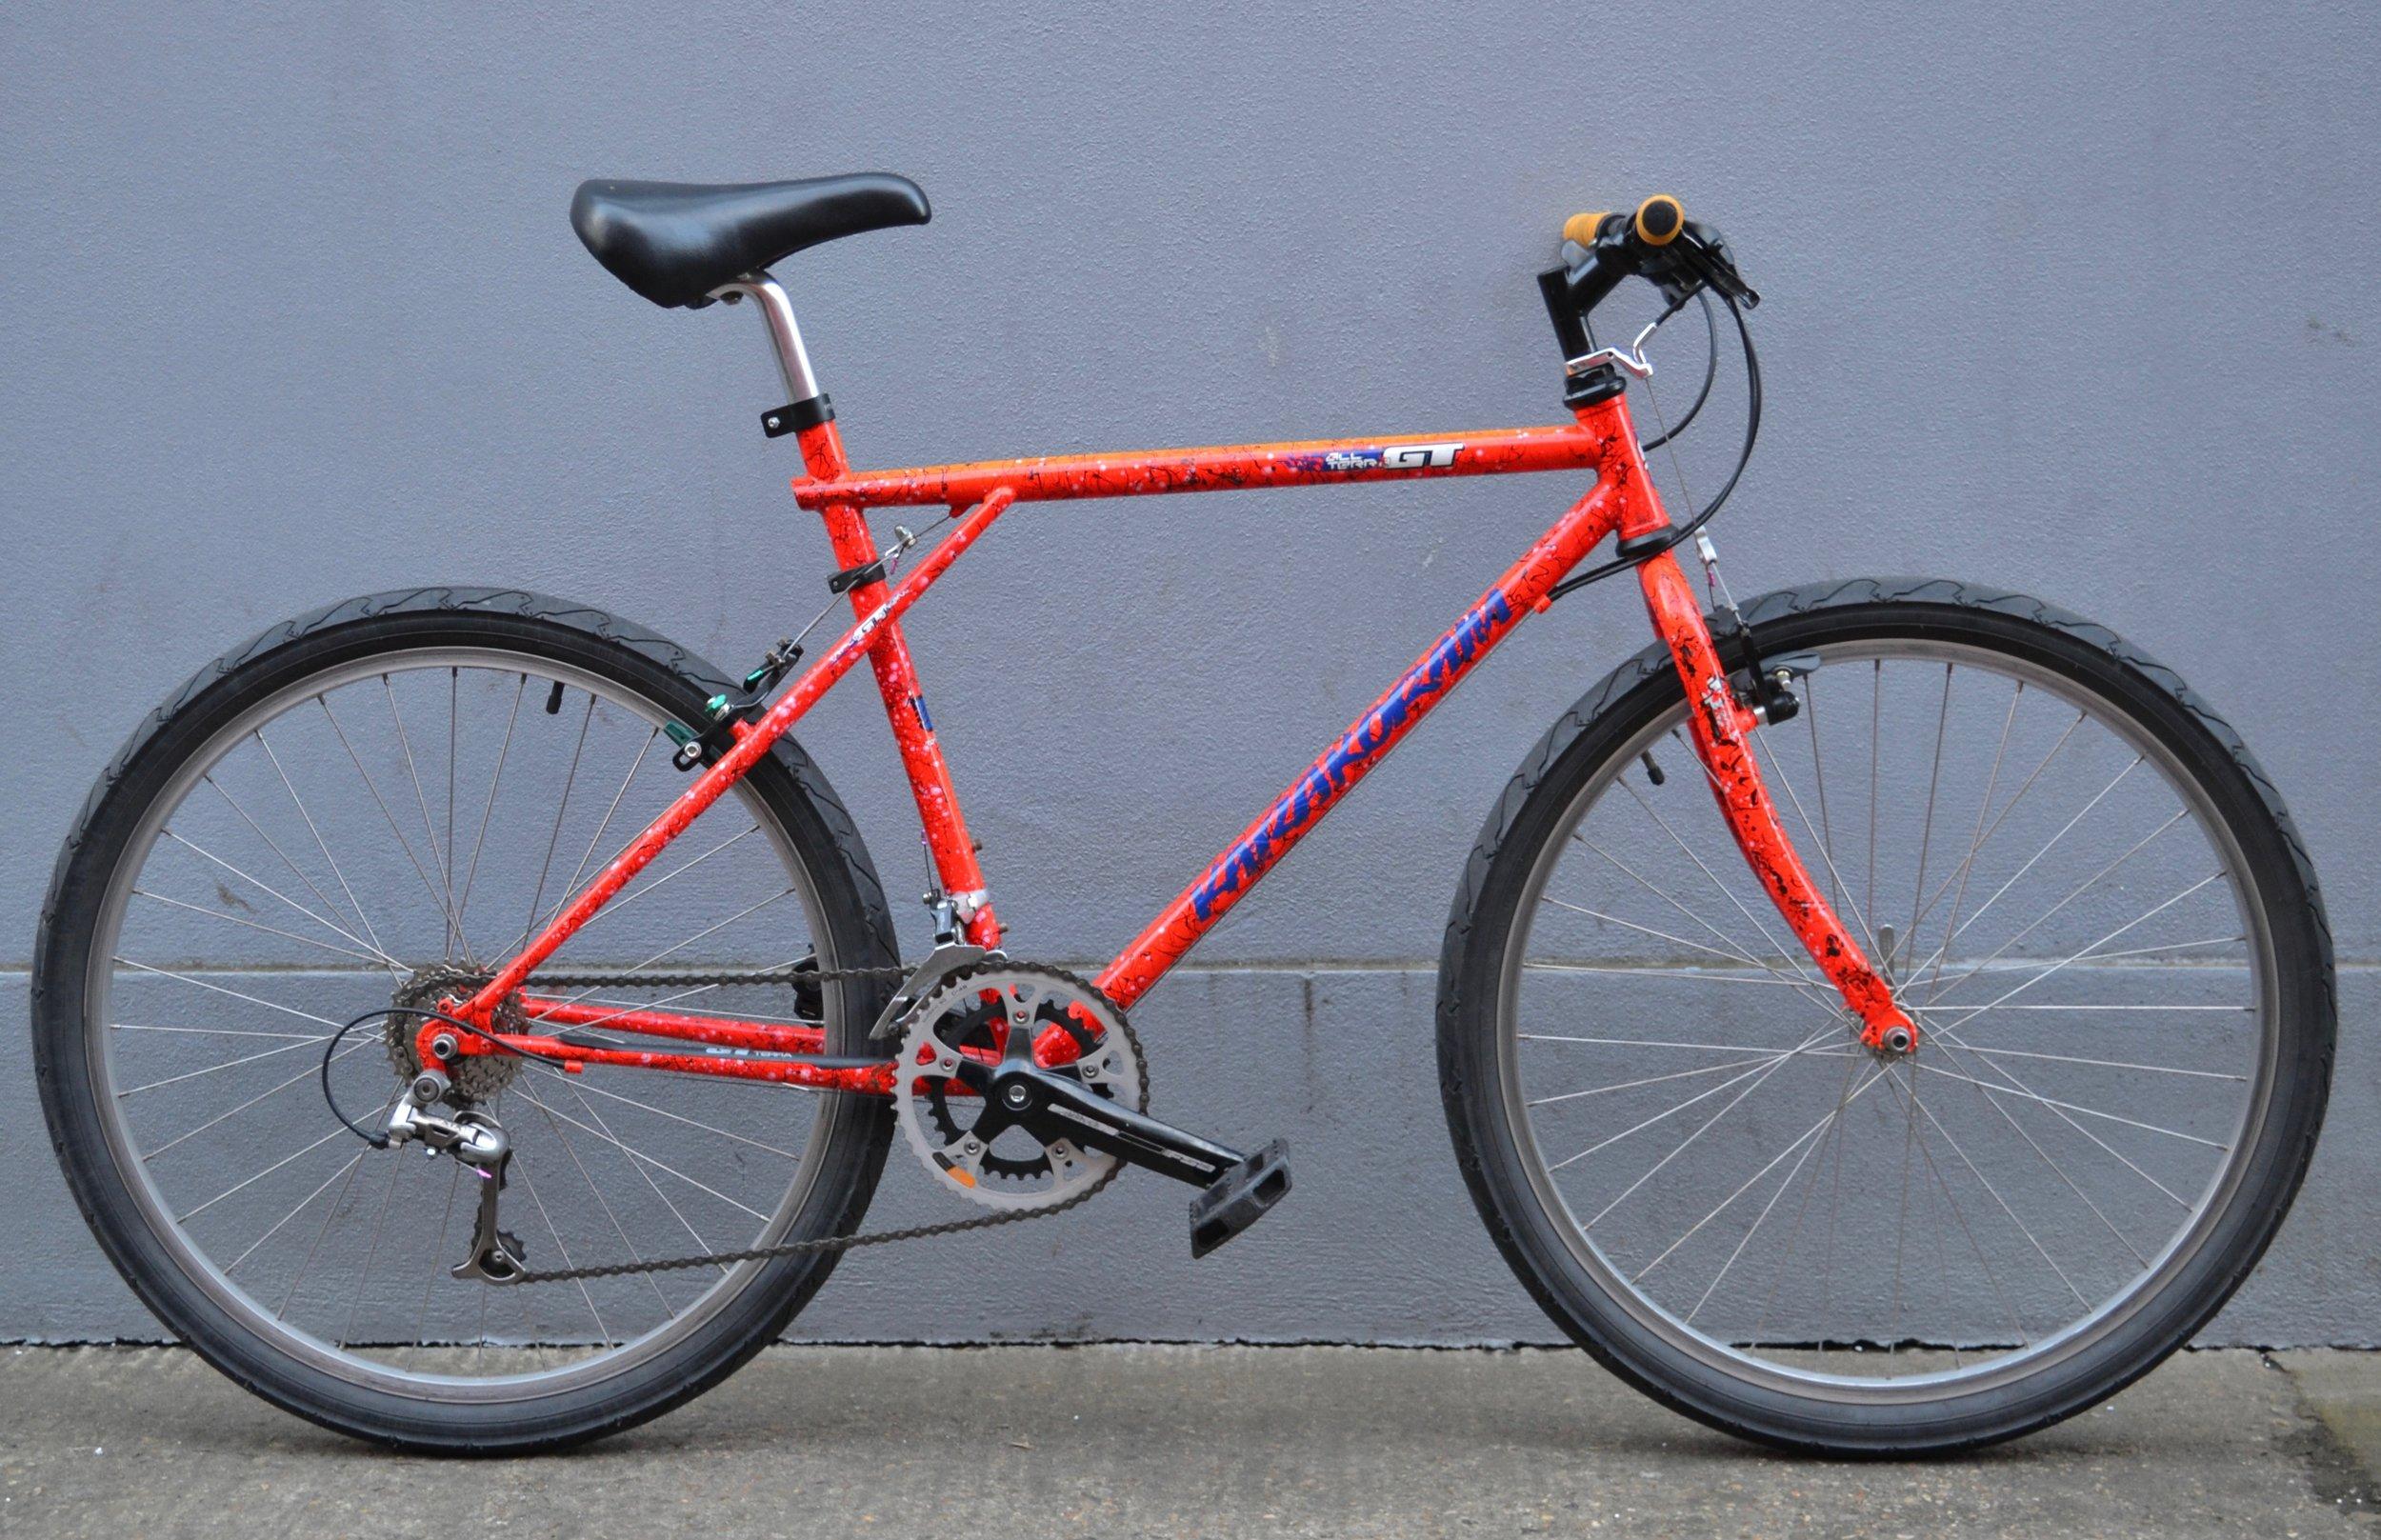 GT_Karakoram_mountain_bike_Tange_tubeset_big_fun_bikes.jpg